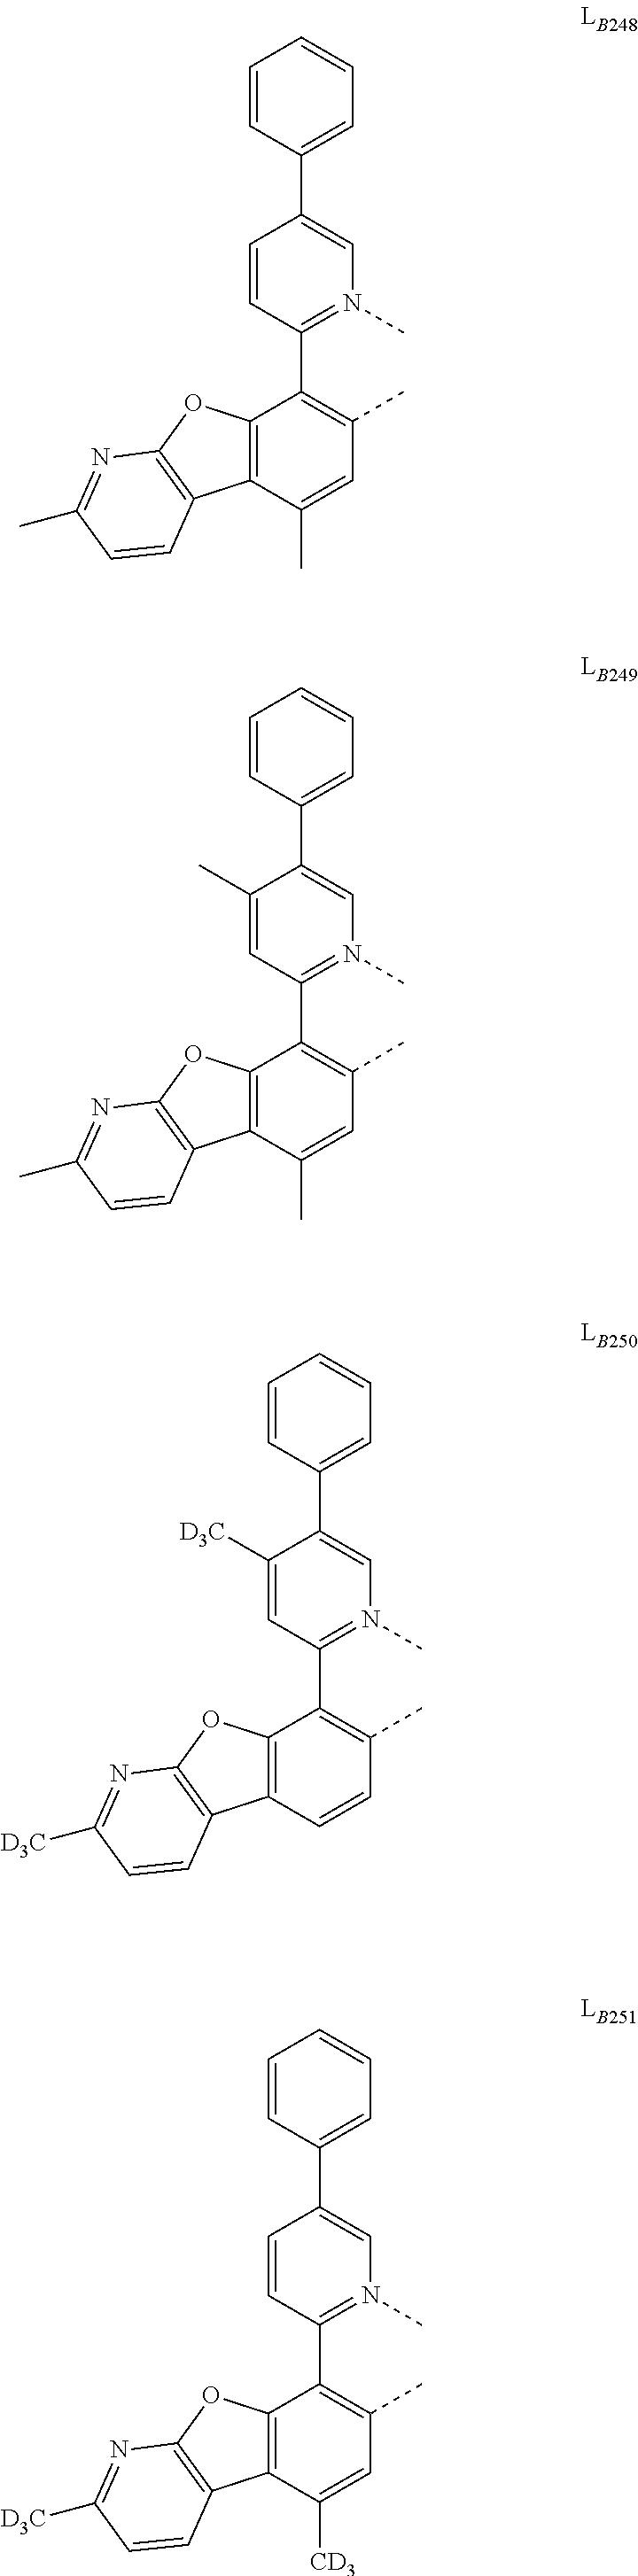 Figure US09929360-20180327-C00093